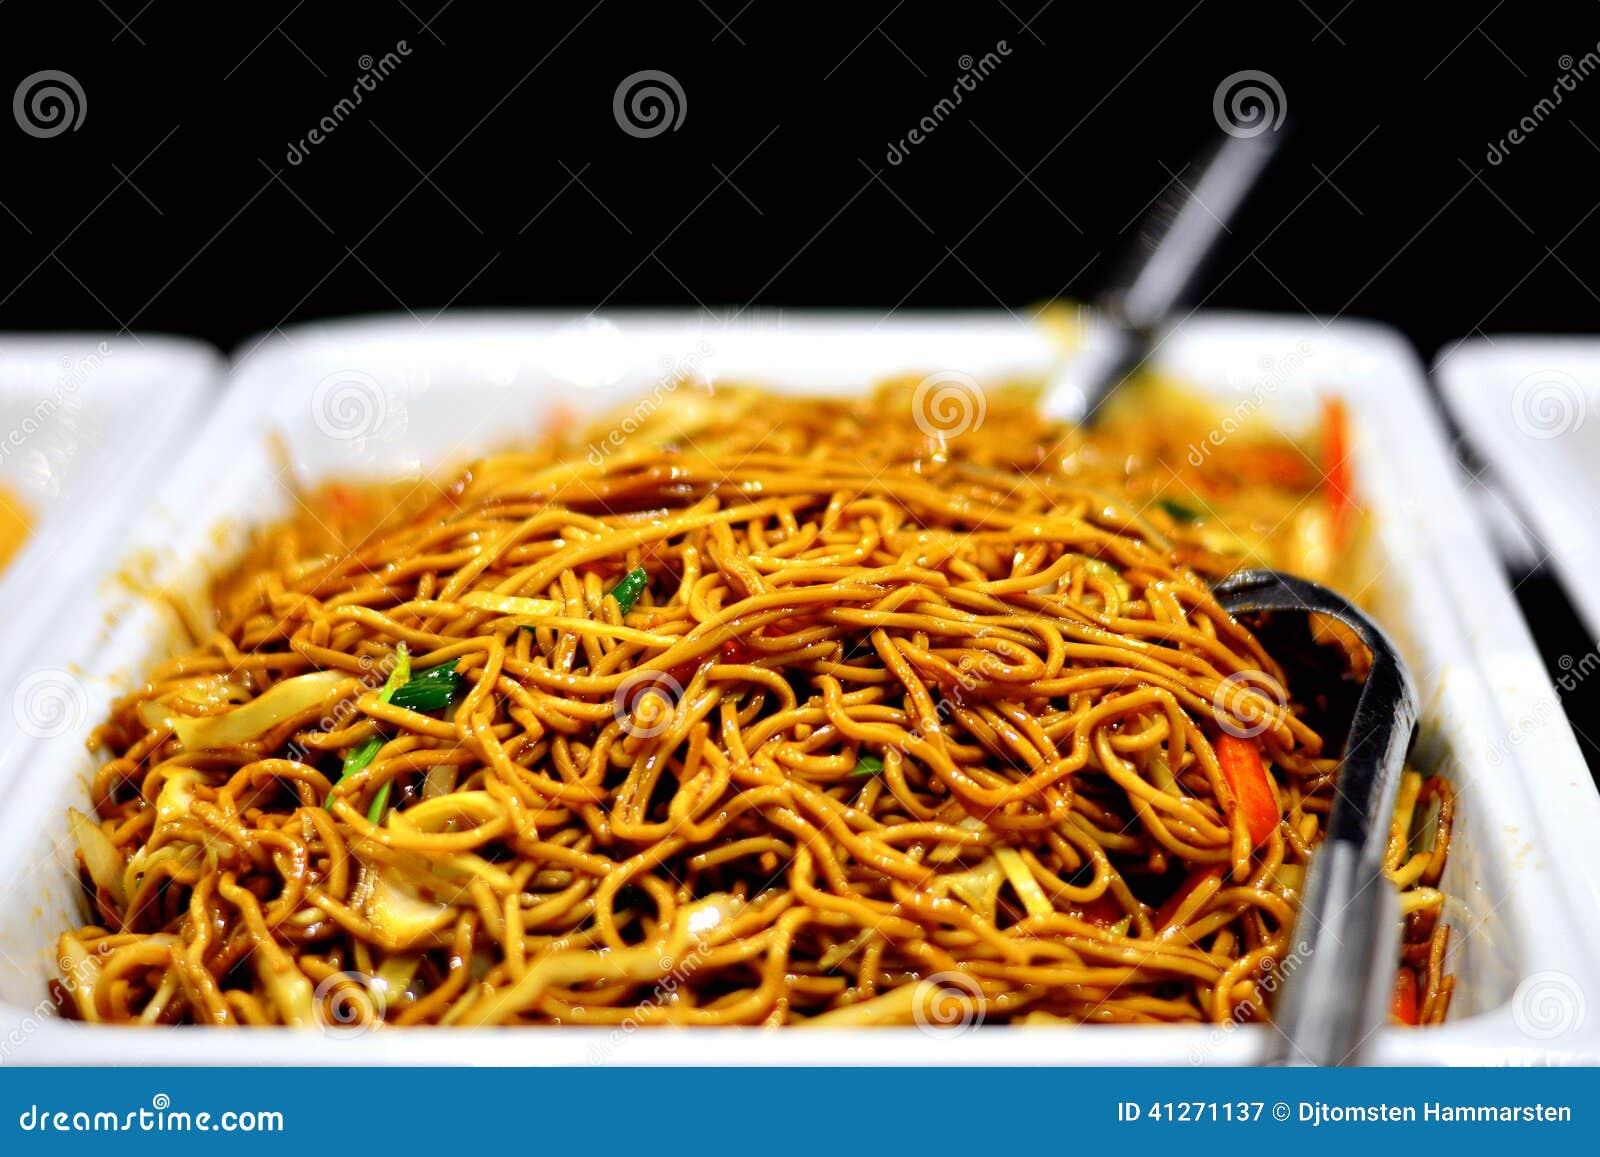 Mega radical asian buffet food sea PrivateSociety.com